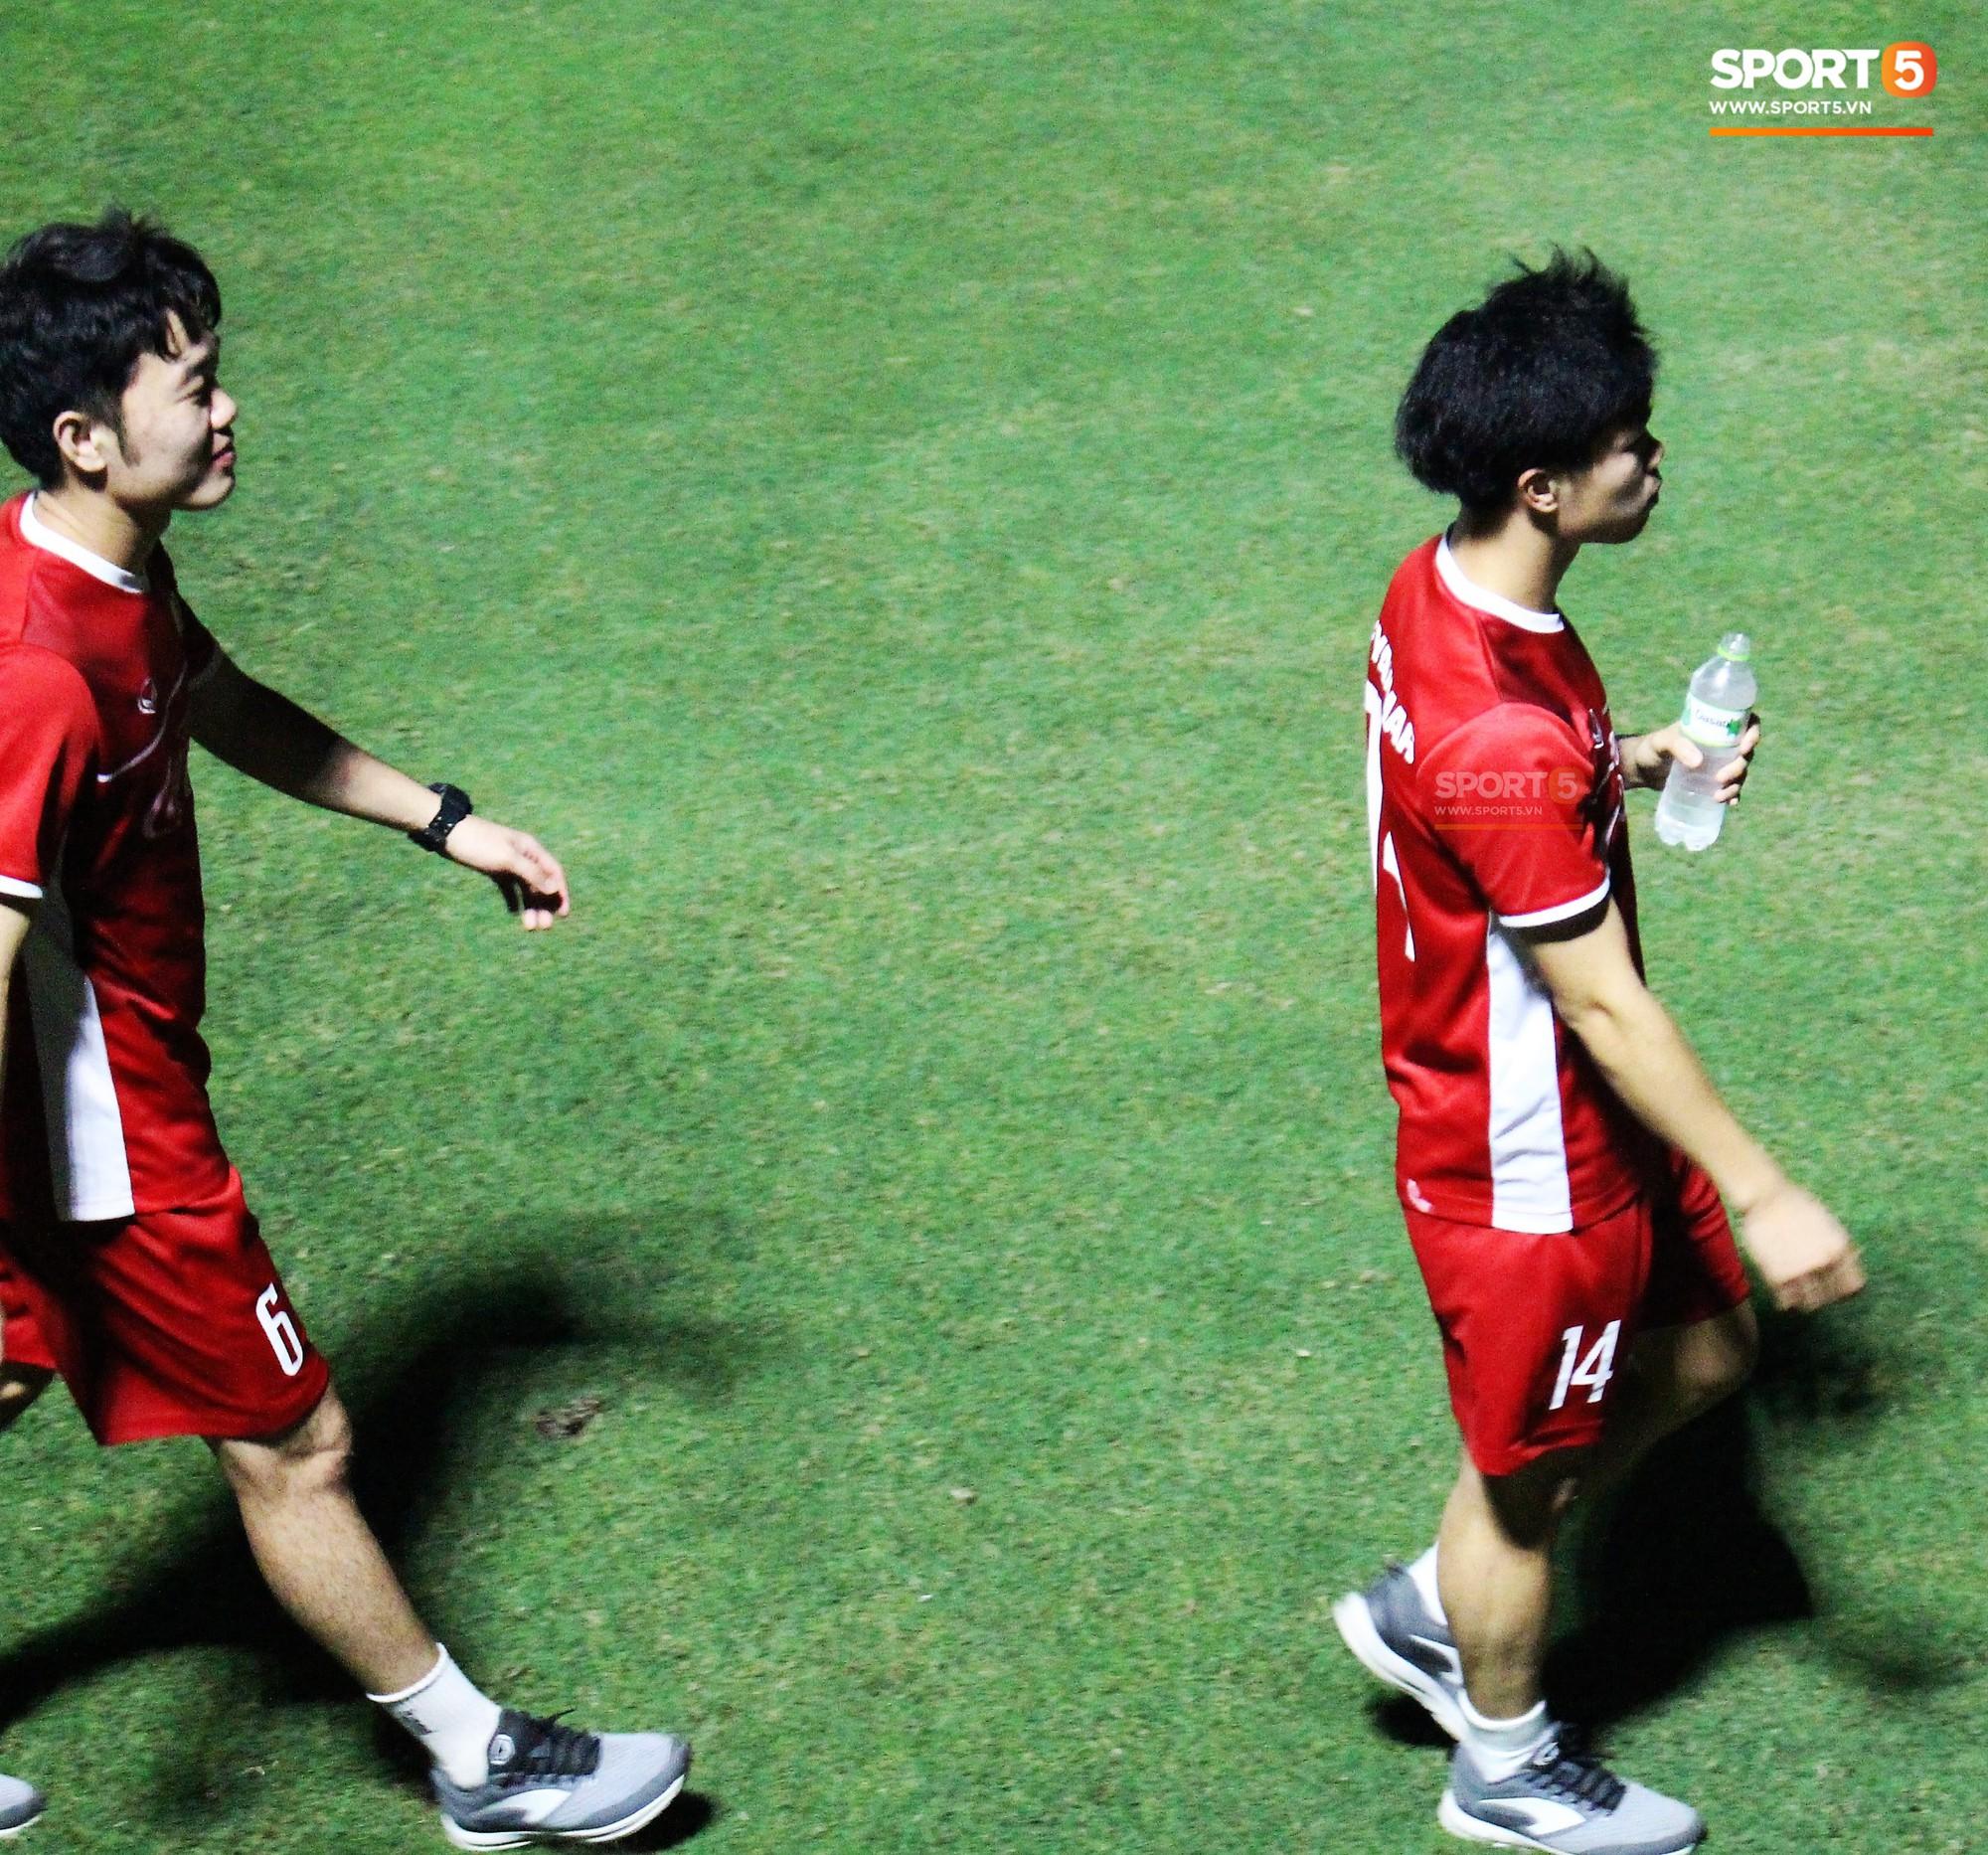 Đức Chinh chạy trốn, Đình Trọng và Minh Vương bị HLV Park Hang Seo lột giày vì không mang tất đúng chuẩn-9